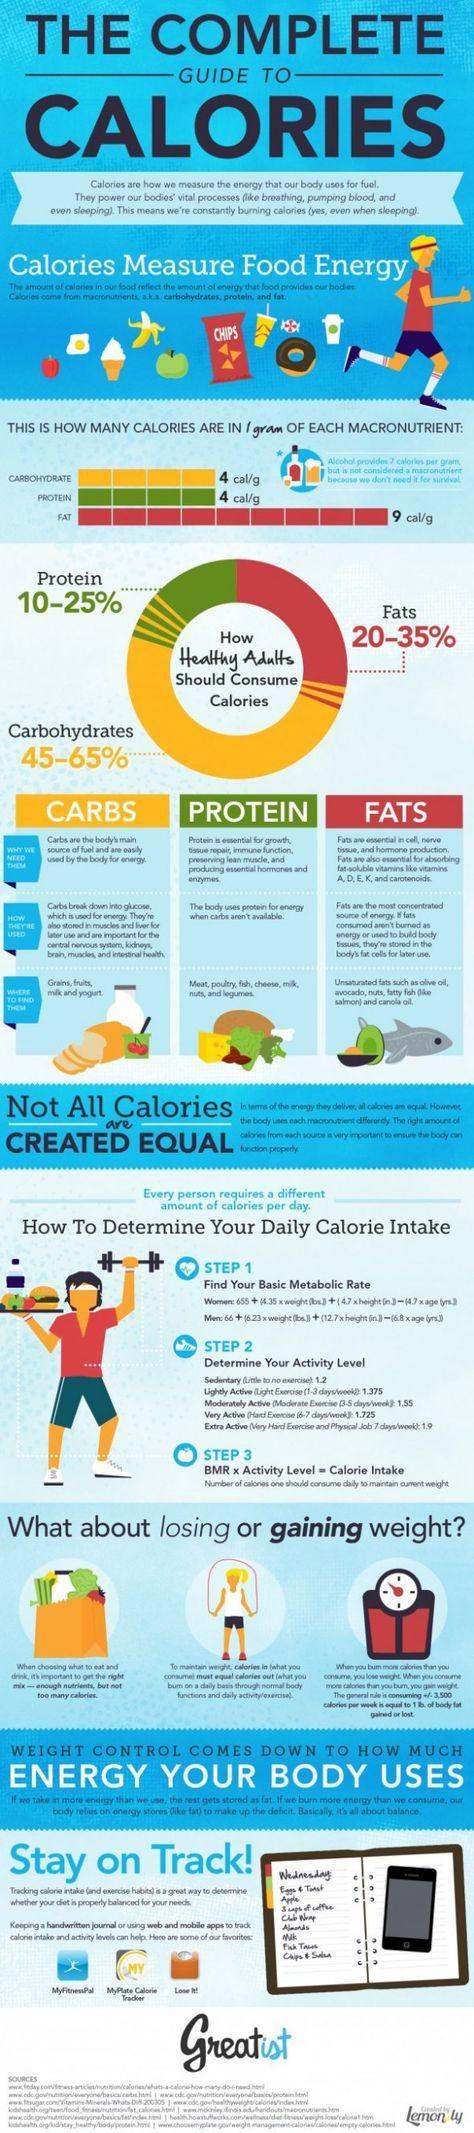 Wist jij dat iedereen een andere hoeveelheid calorieën nodig heeft per dag? En dat je die hoeveelheid makkelijk kunt uitrekenen? In de infographic lees je hoe… Daarnaast staan er ook interessante feitjes in, bijvoorbeeld dat je 3.500 calorieën moet eten om ongeveer een halve kilo aan te komen.